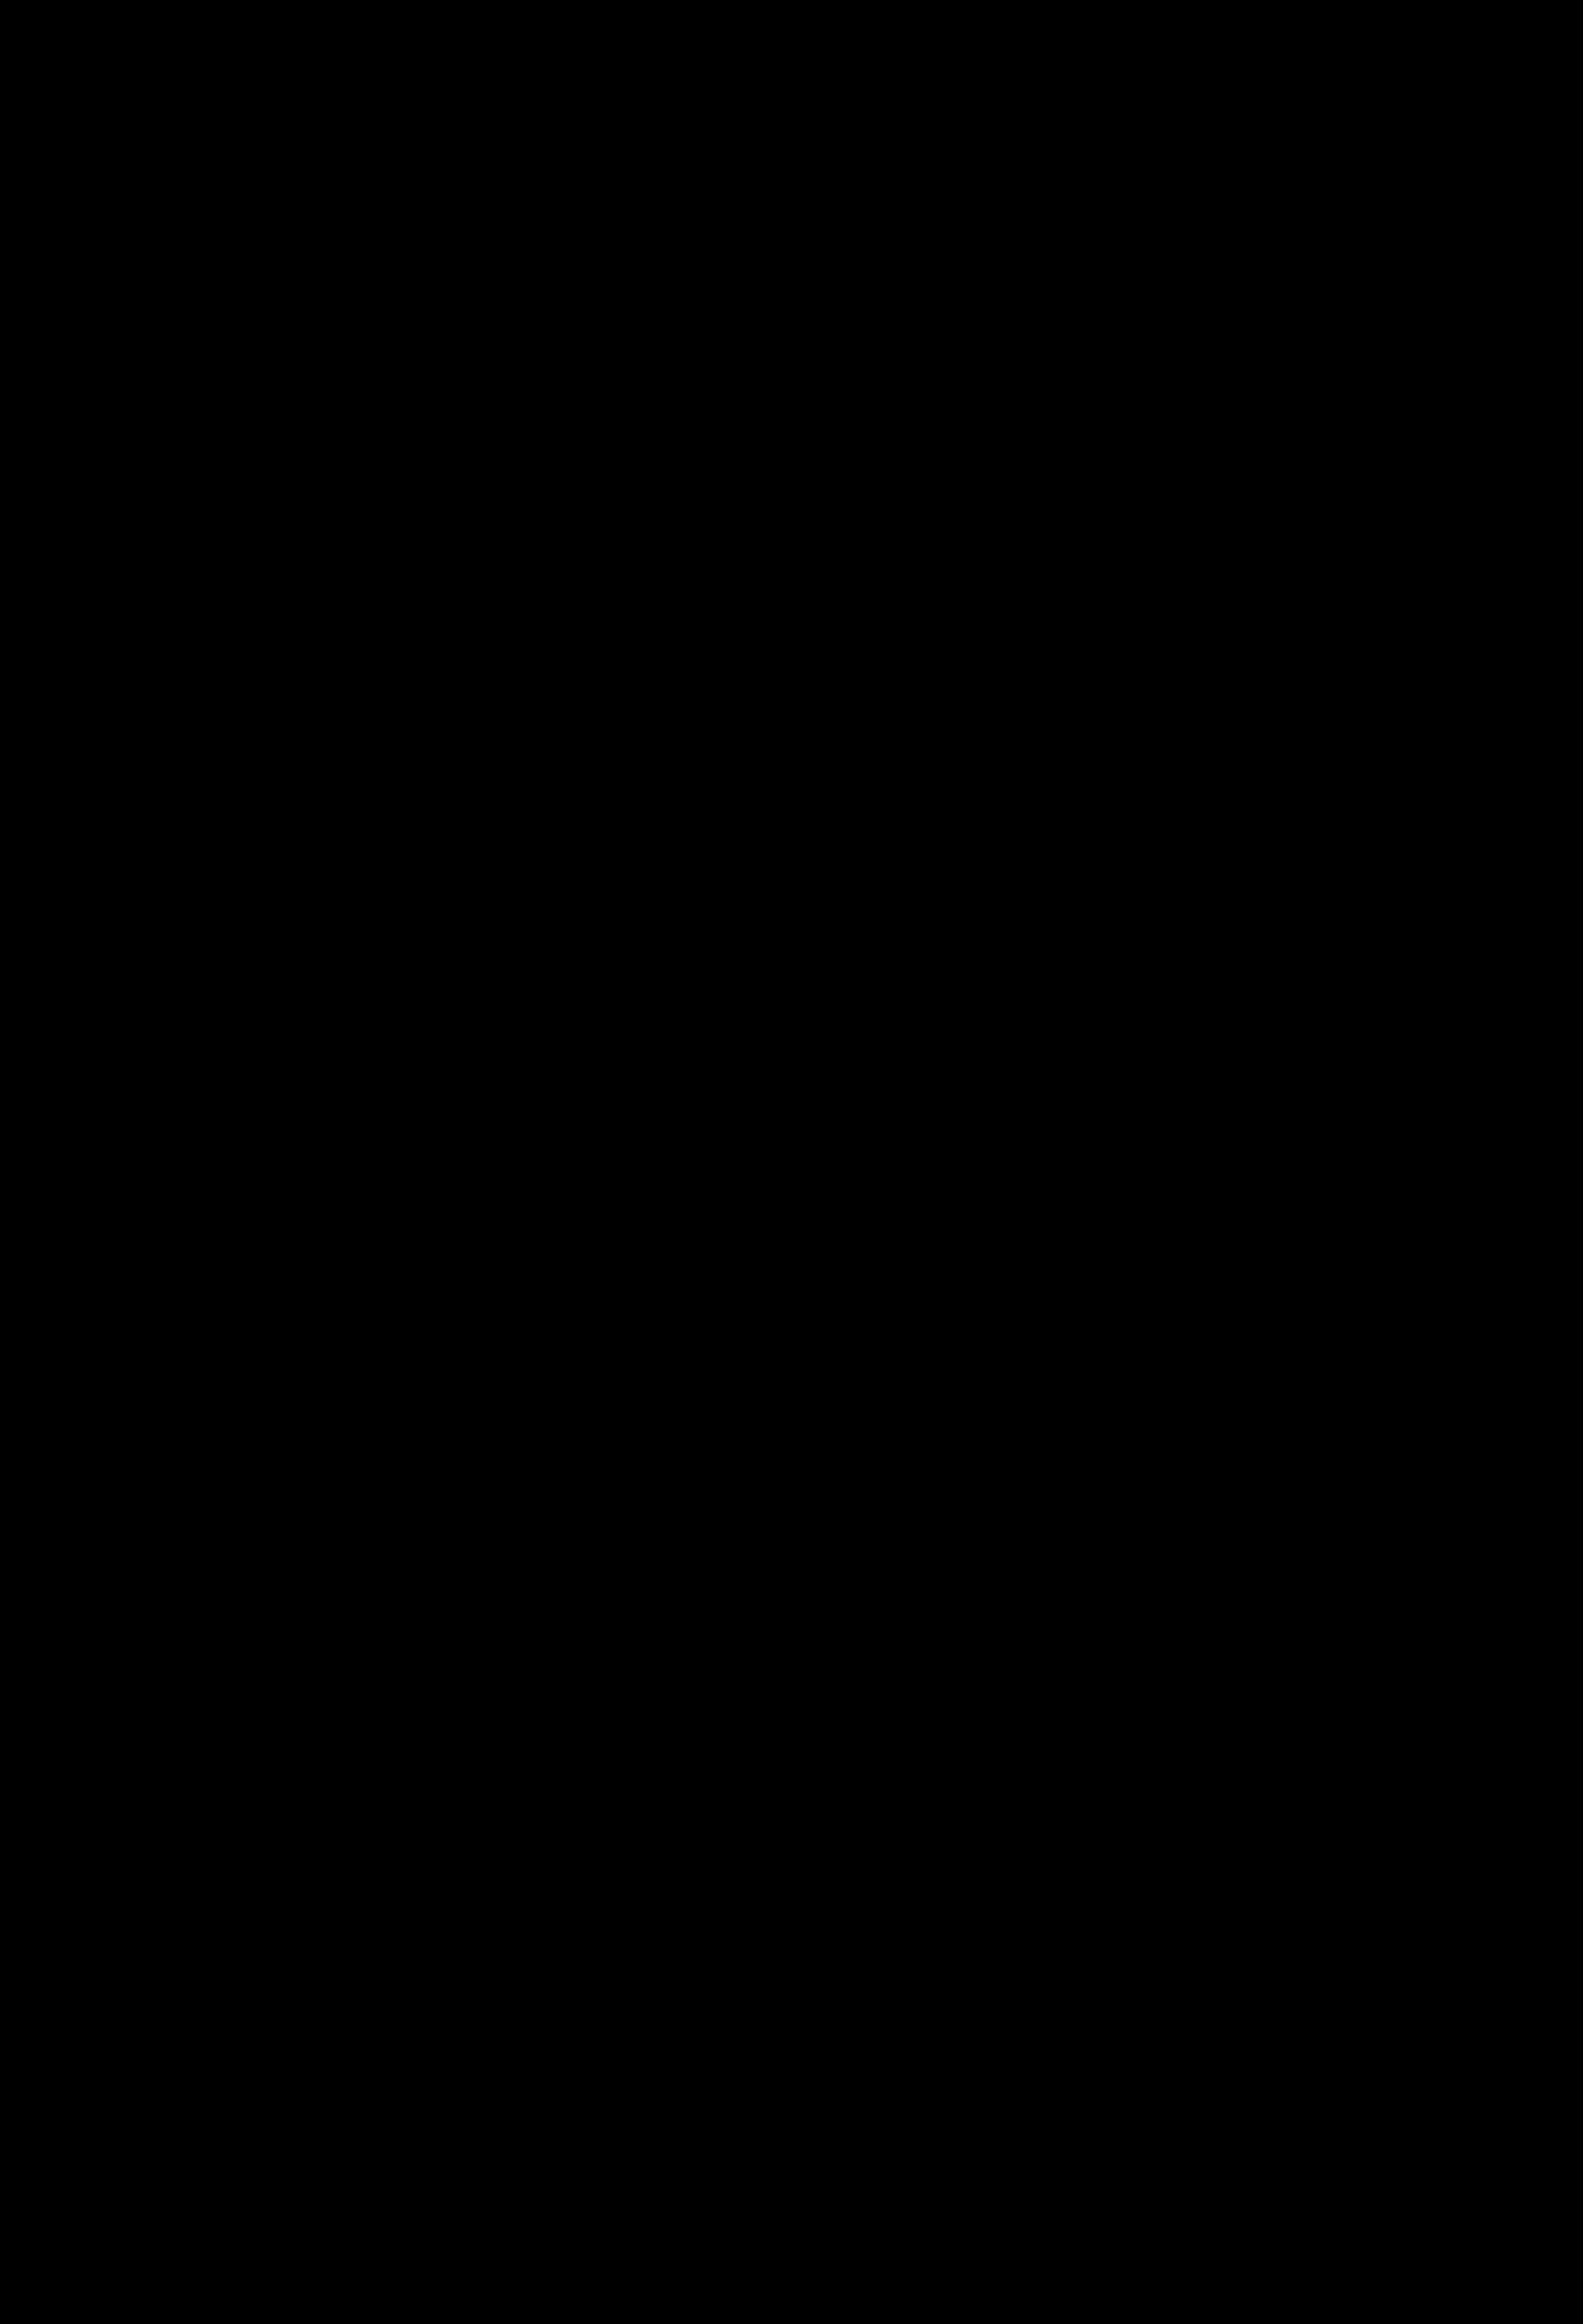 moe. Poster